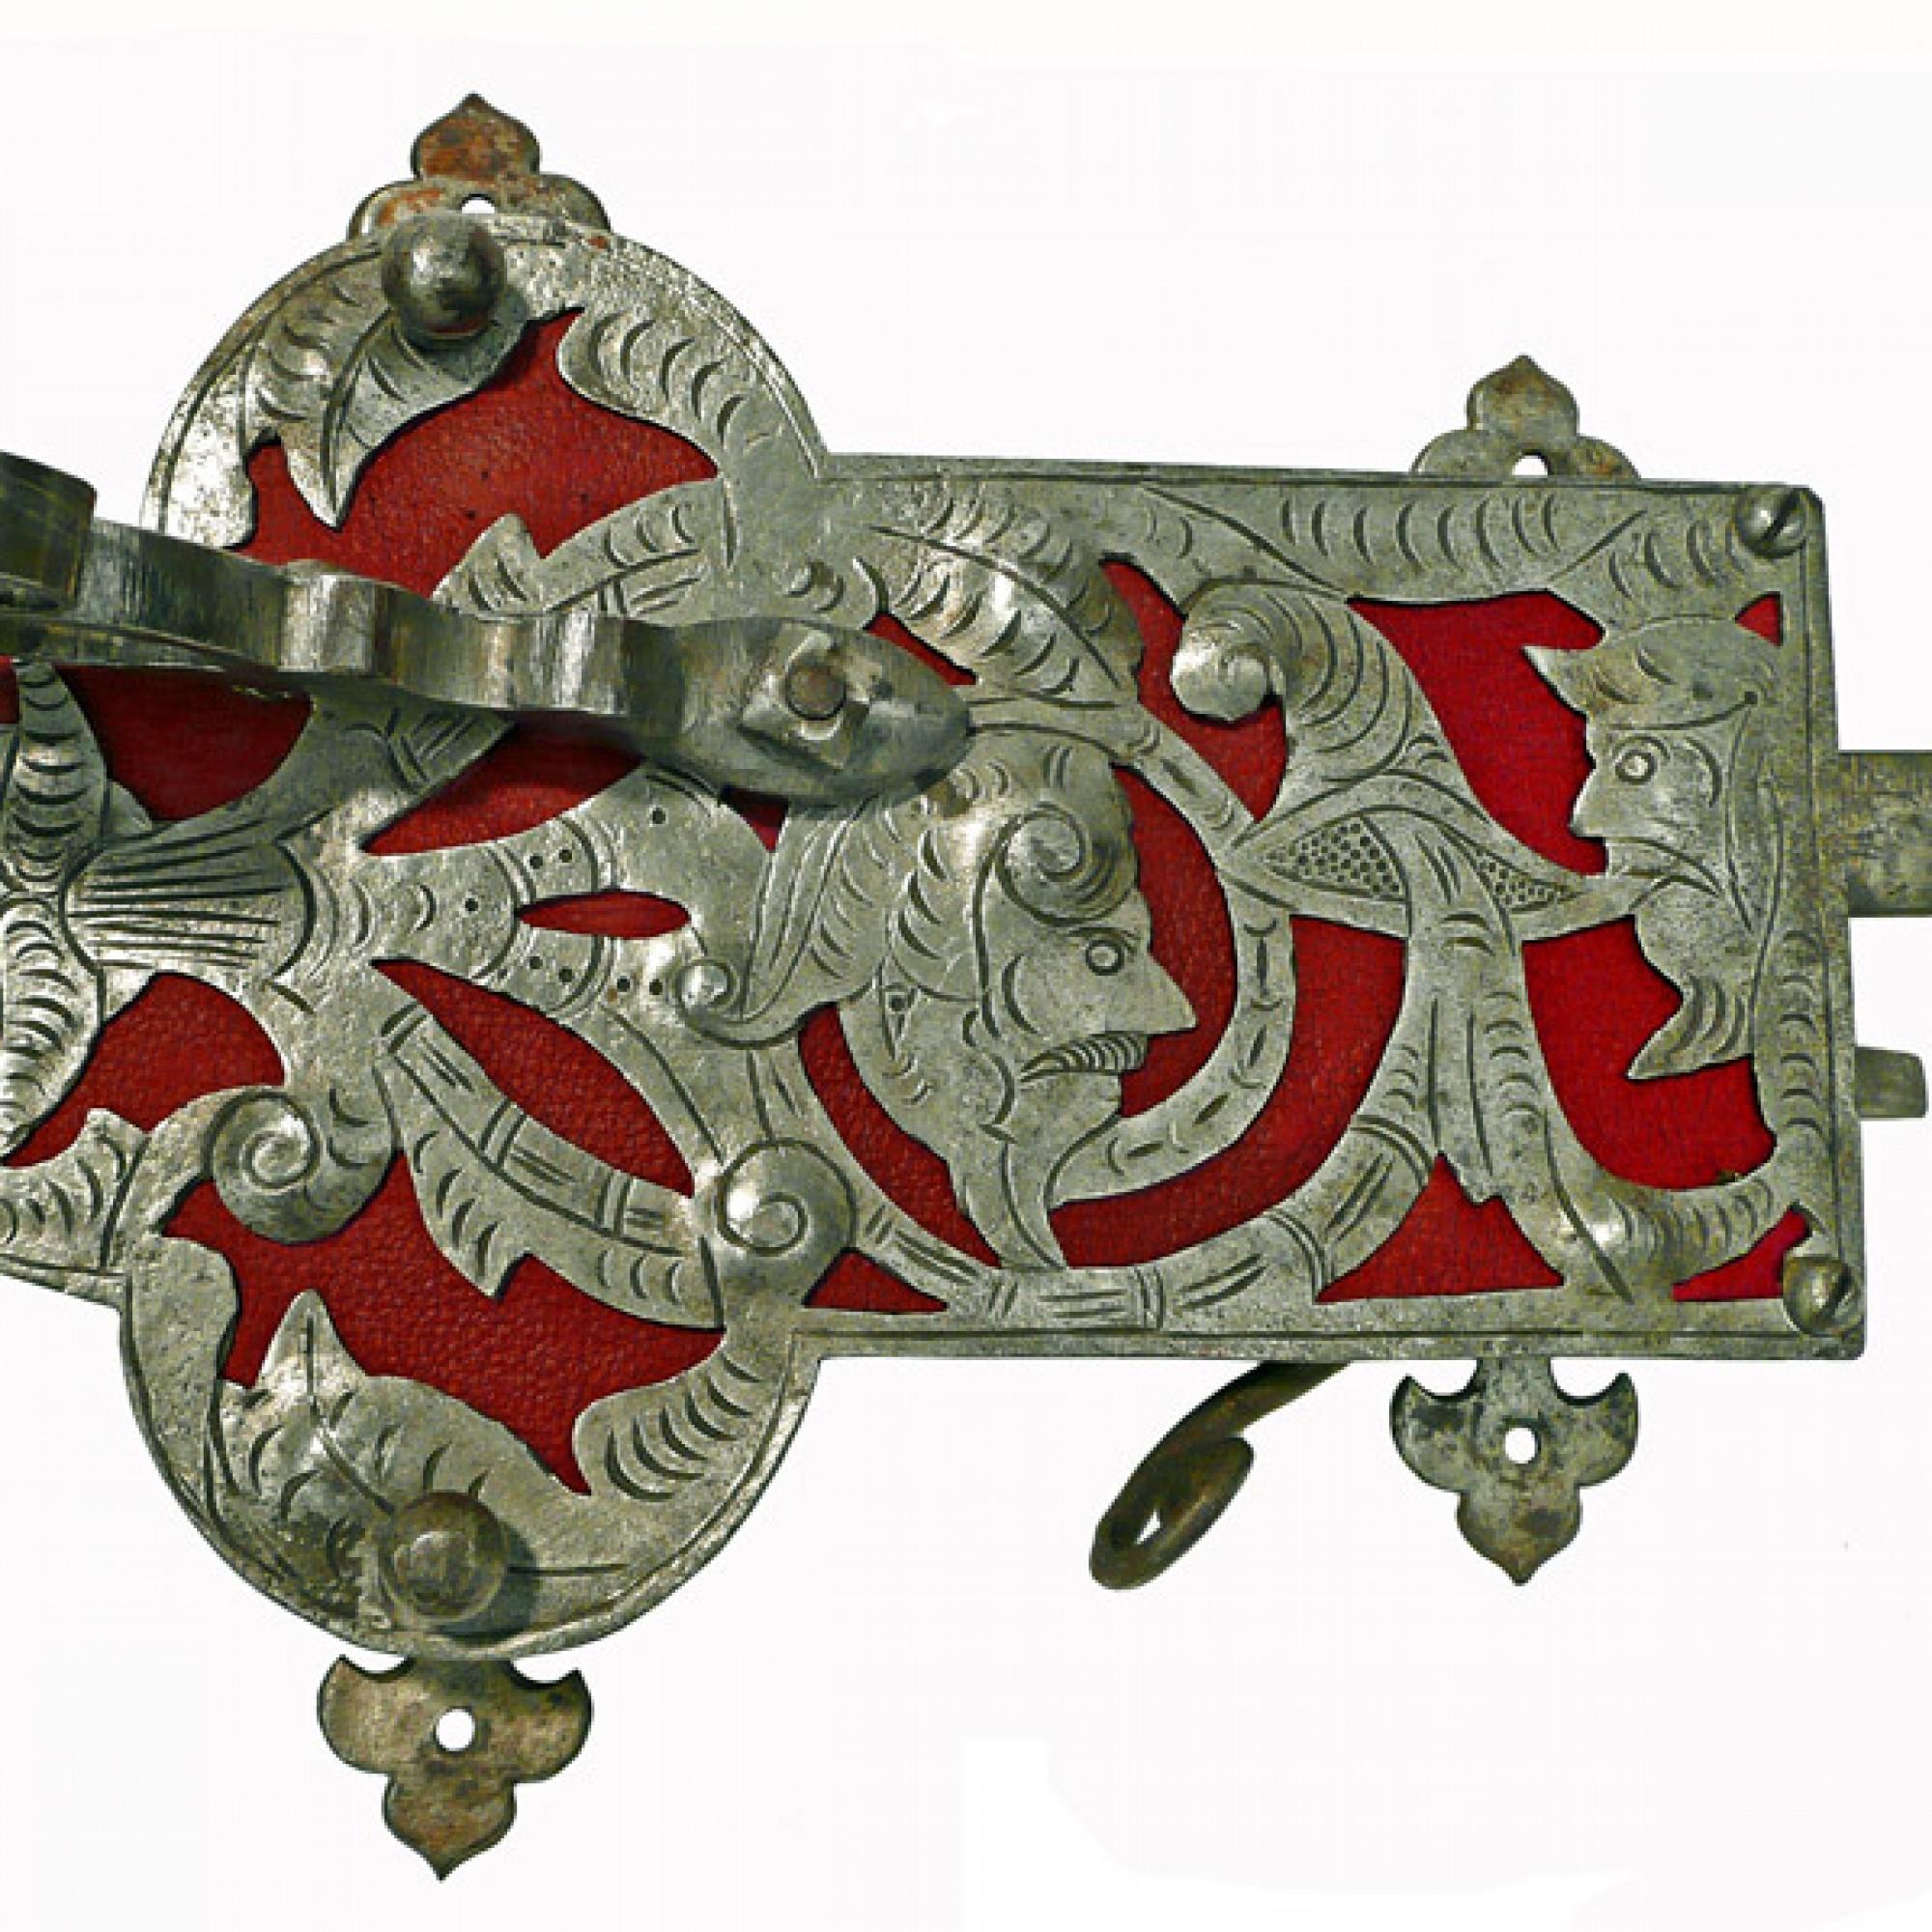 Türschloss um 1610.  (Urs Weisshaupt / Historisches und Völkerkundemuseum St.Gallen)